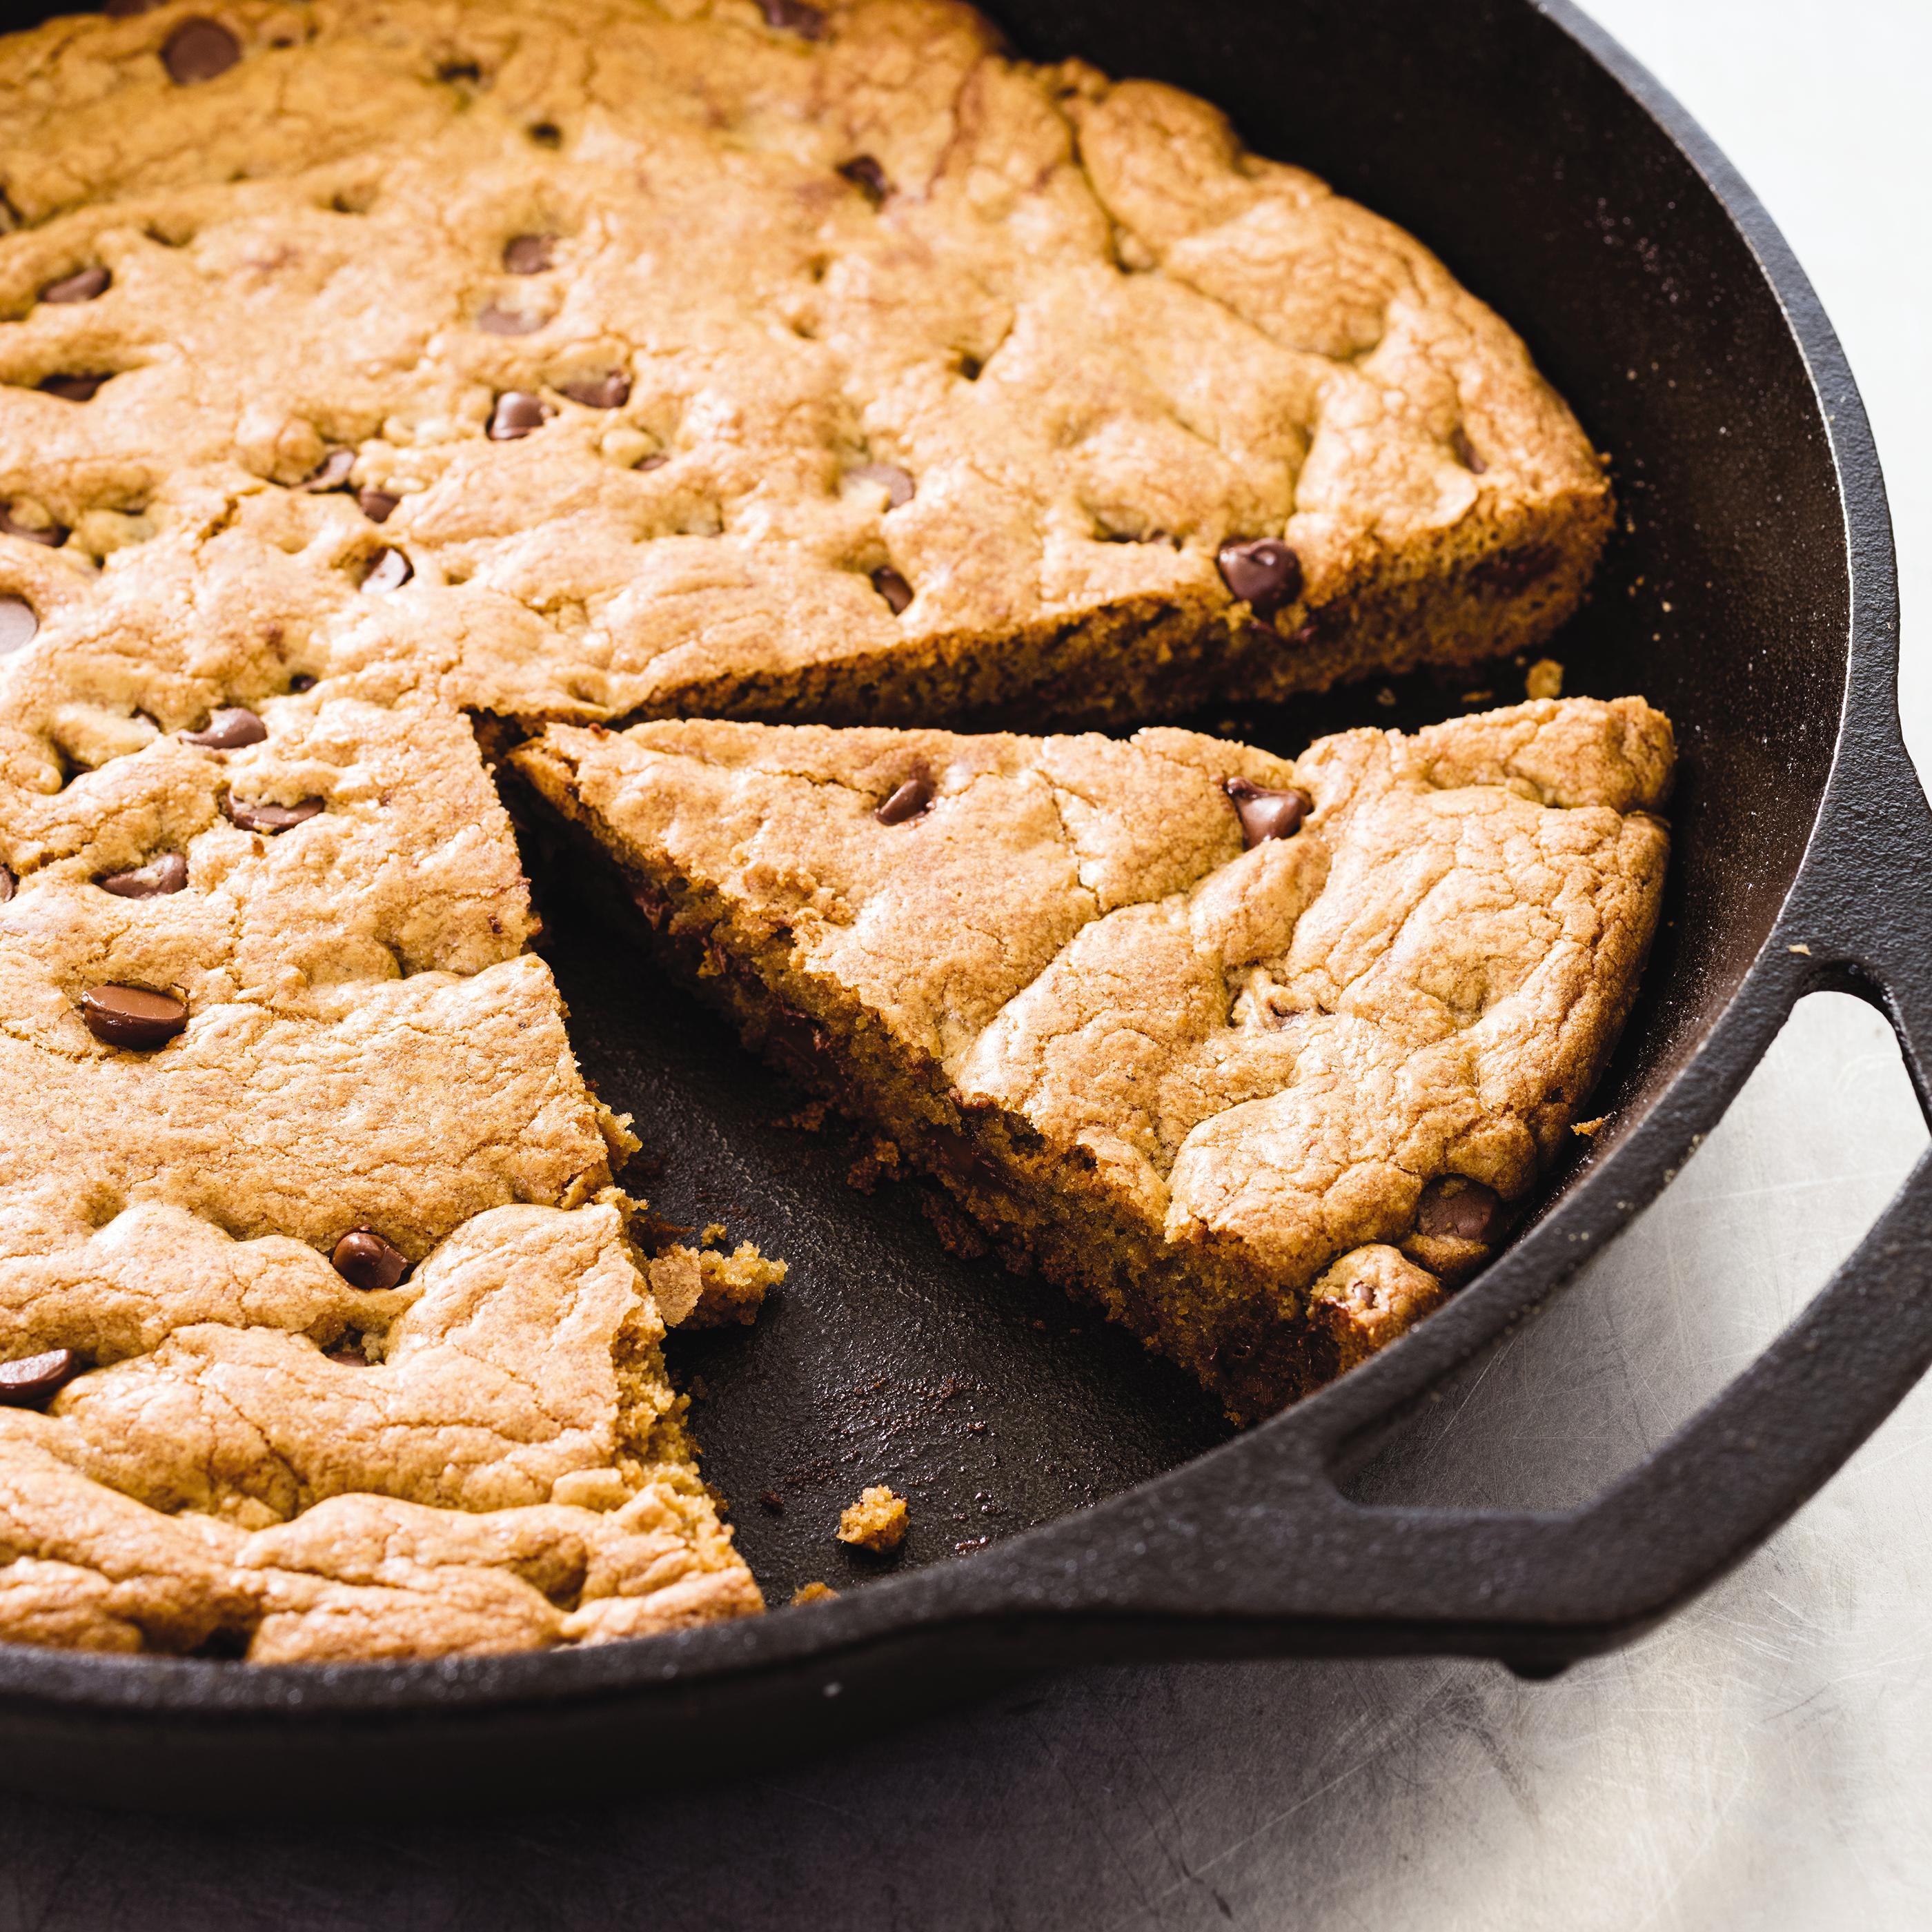 Americas Test Kitchen Skillet Chocolate Chip Cookie